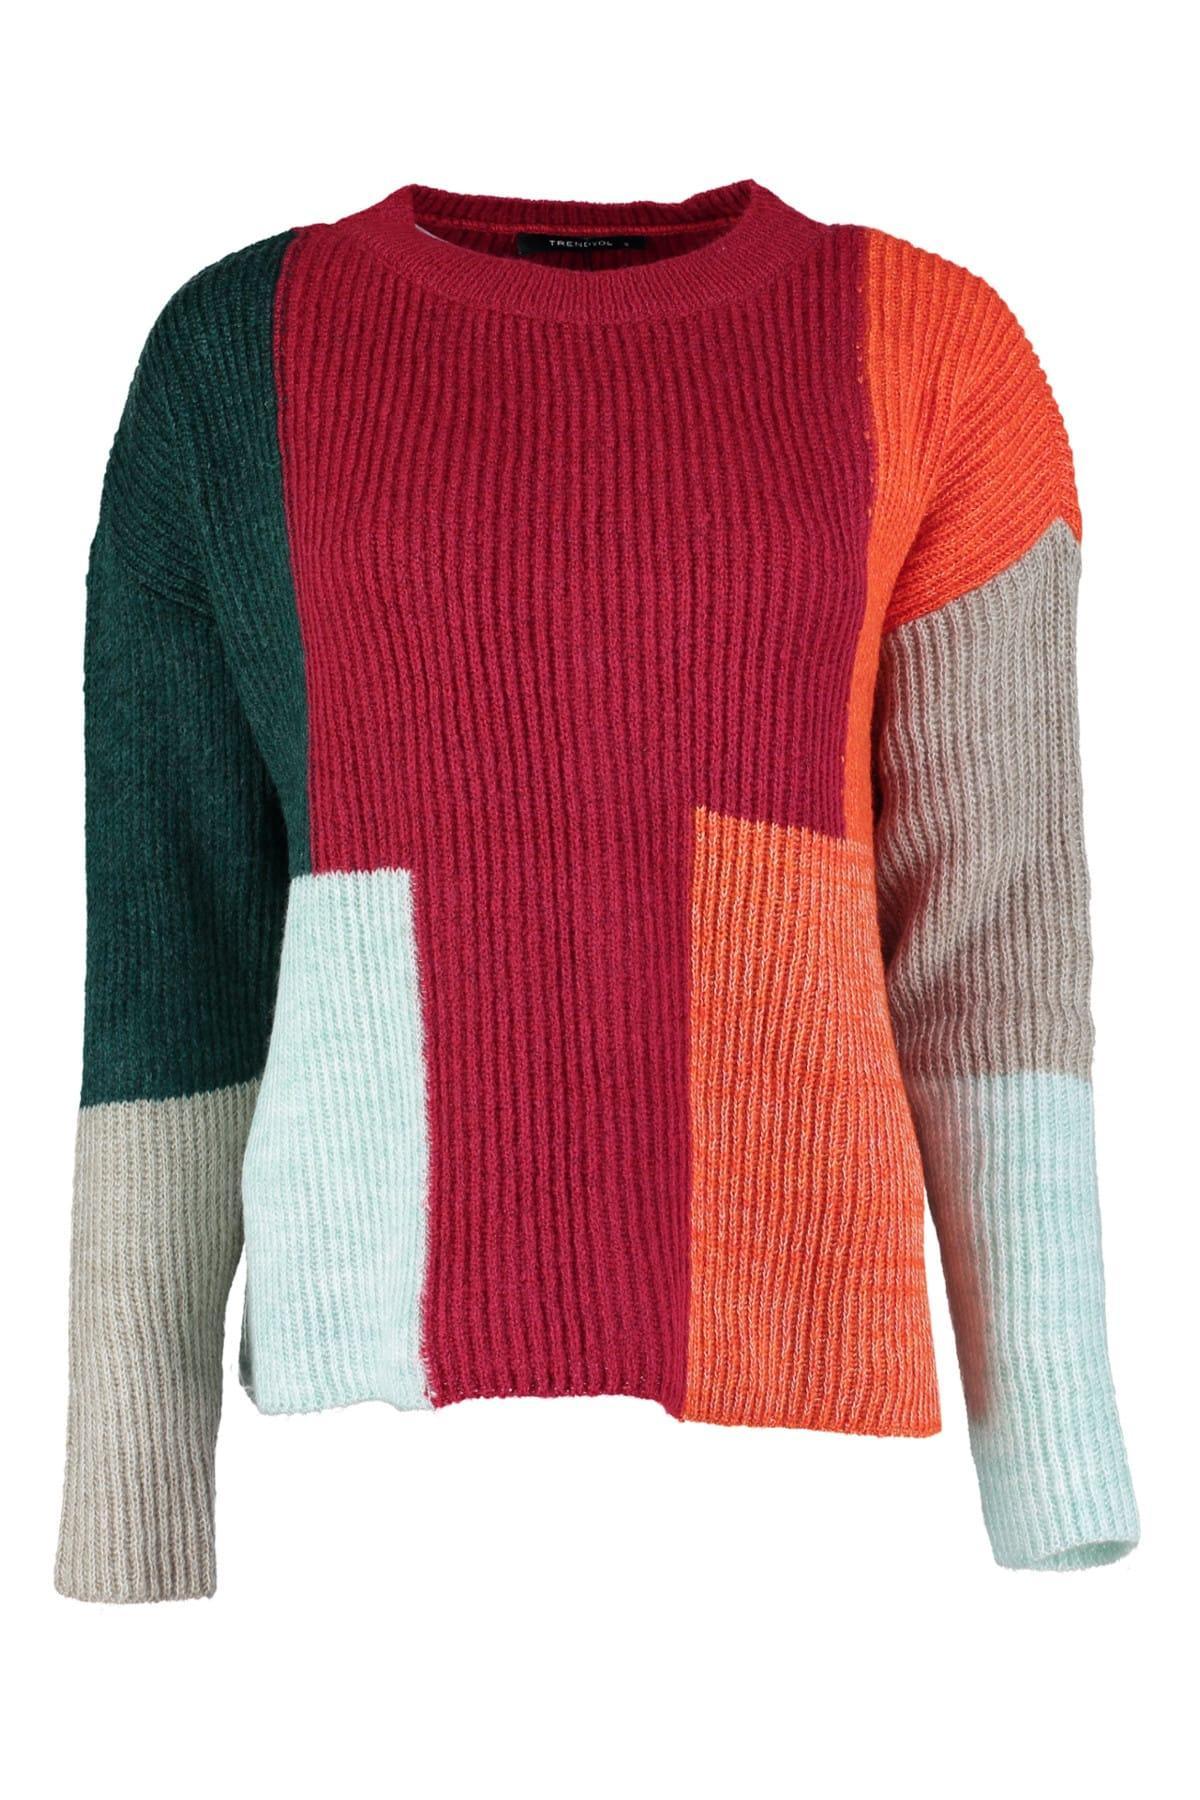 Trendyol WOMEN-Green Colorblock Sweater Sweater TWOAW20ZA0031